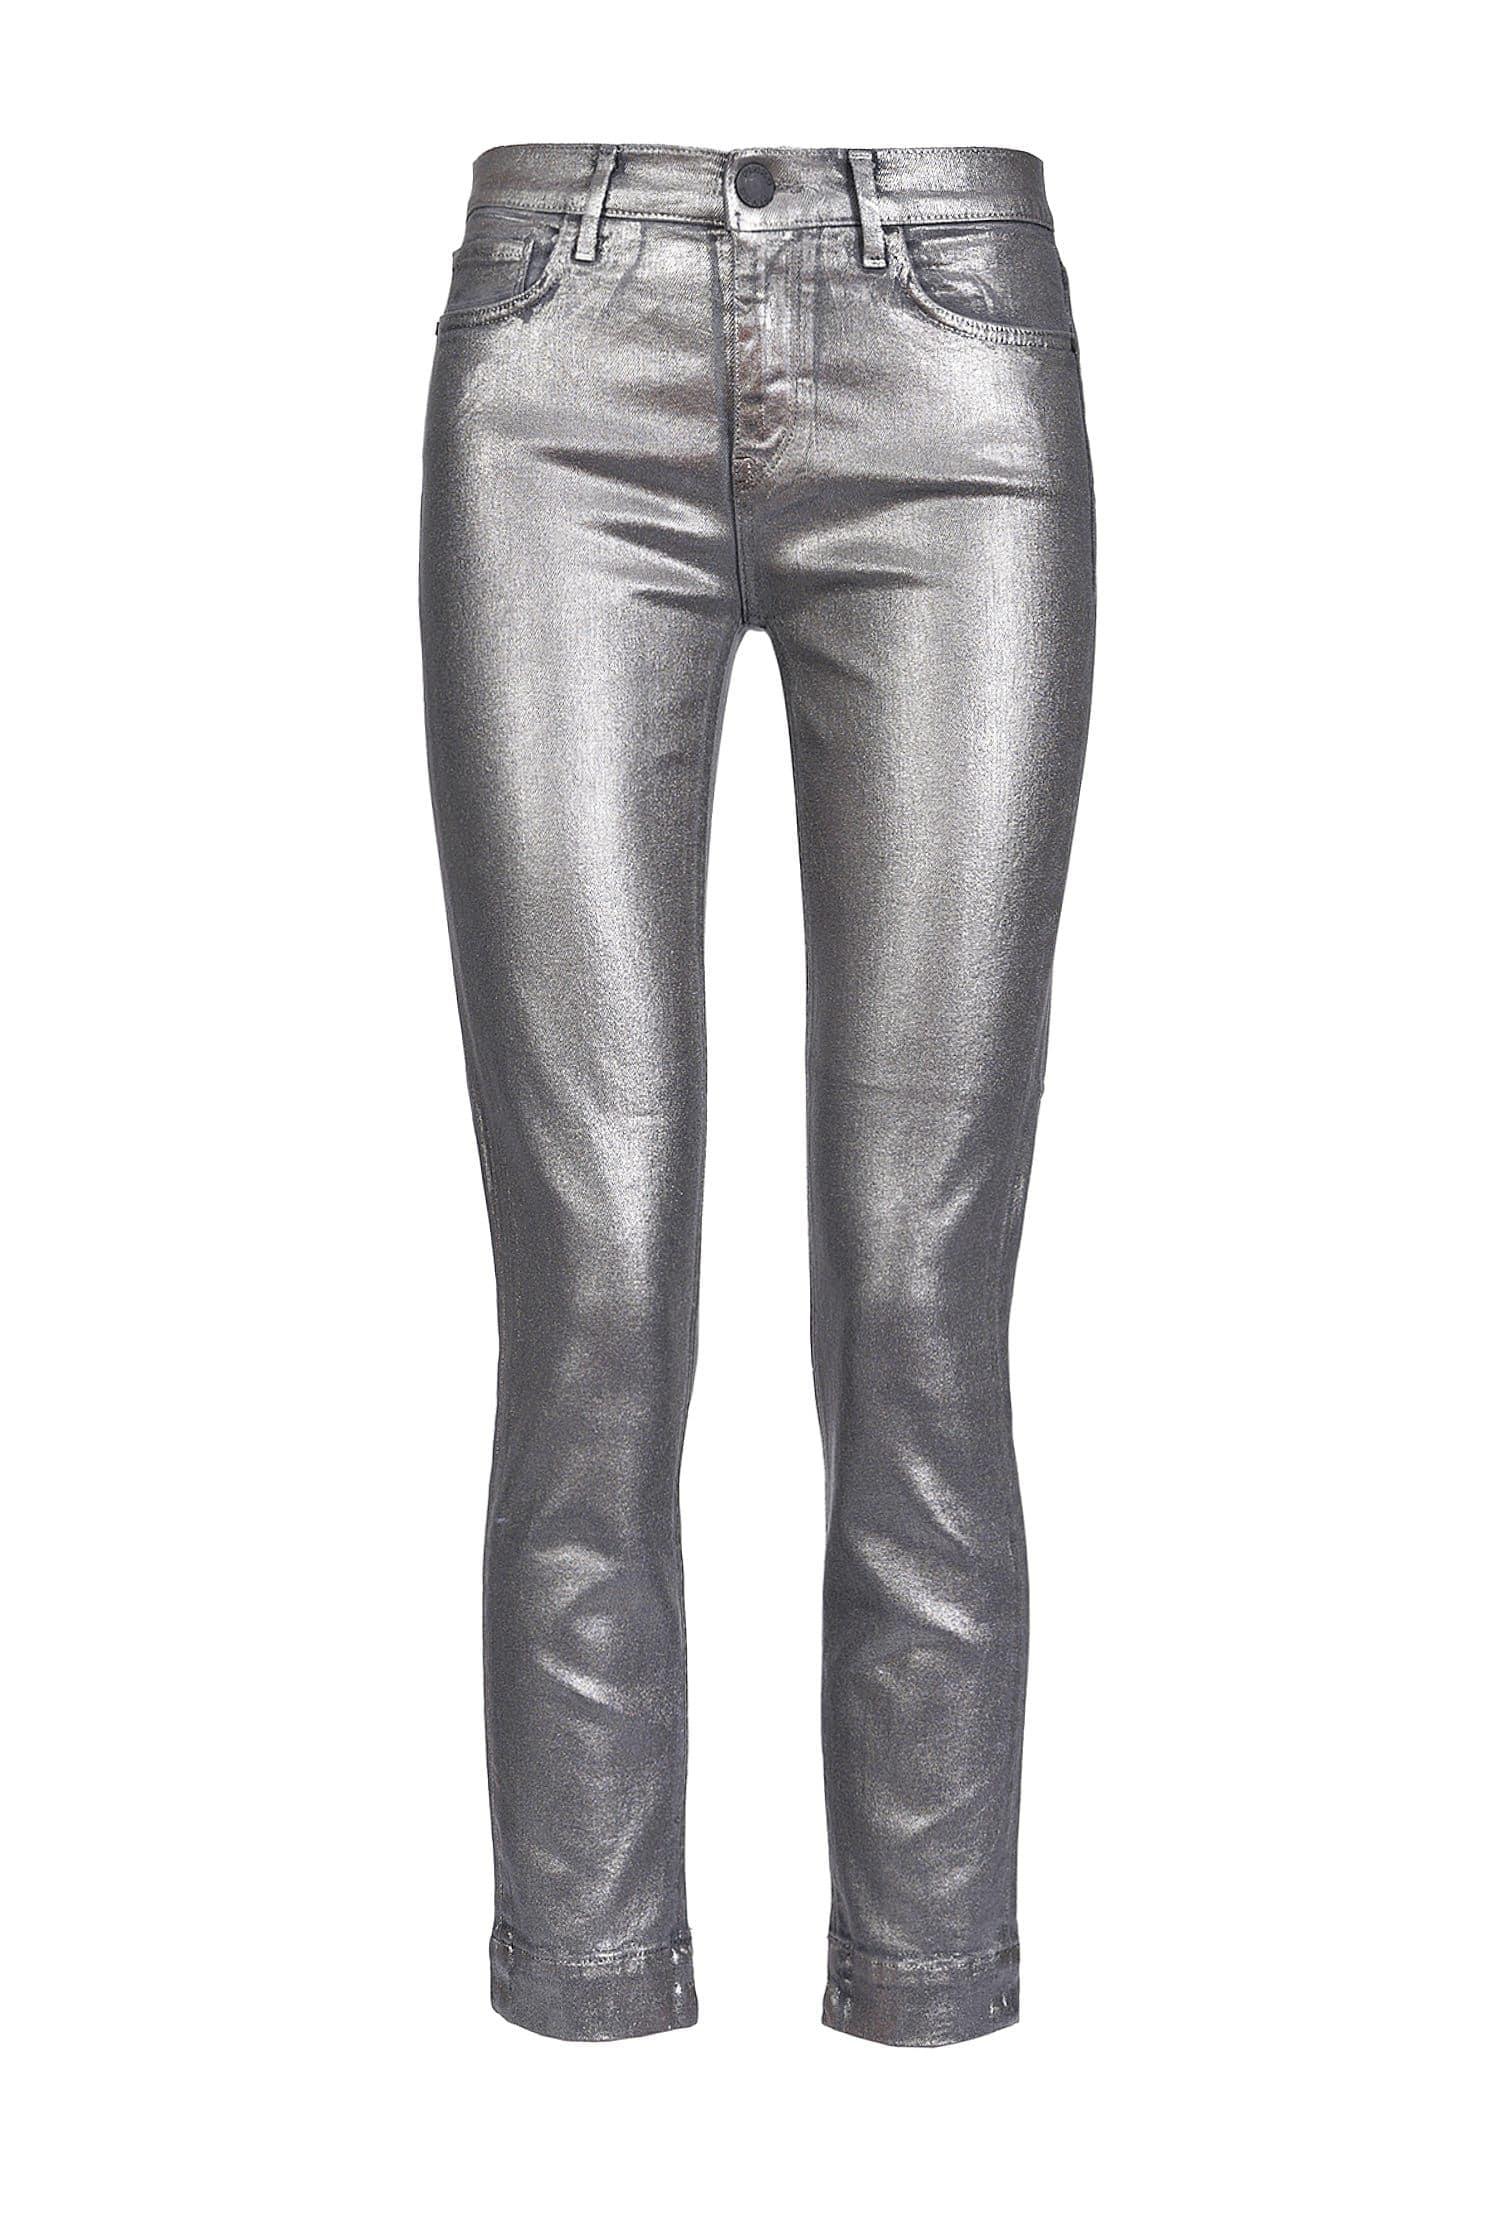 Jeans Skinny In Denim Stretch Metallizzato - Pinko